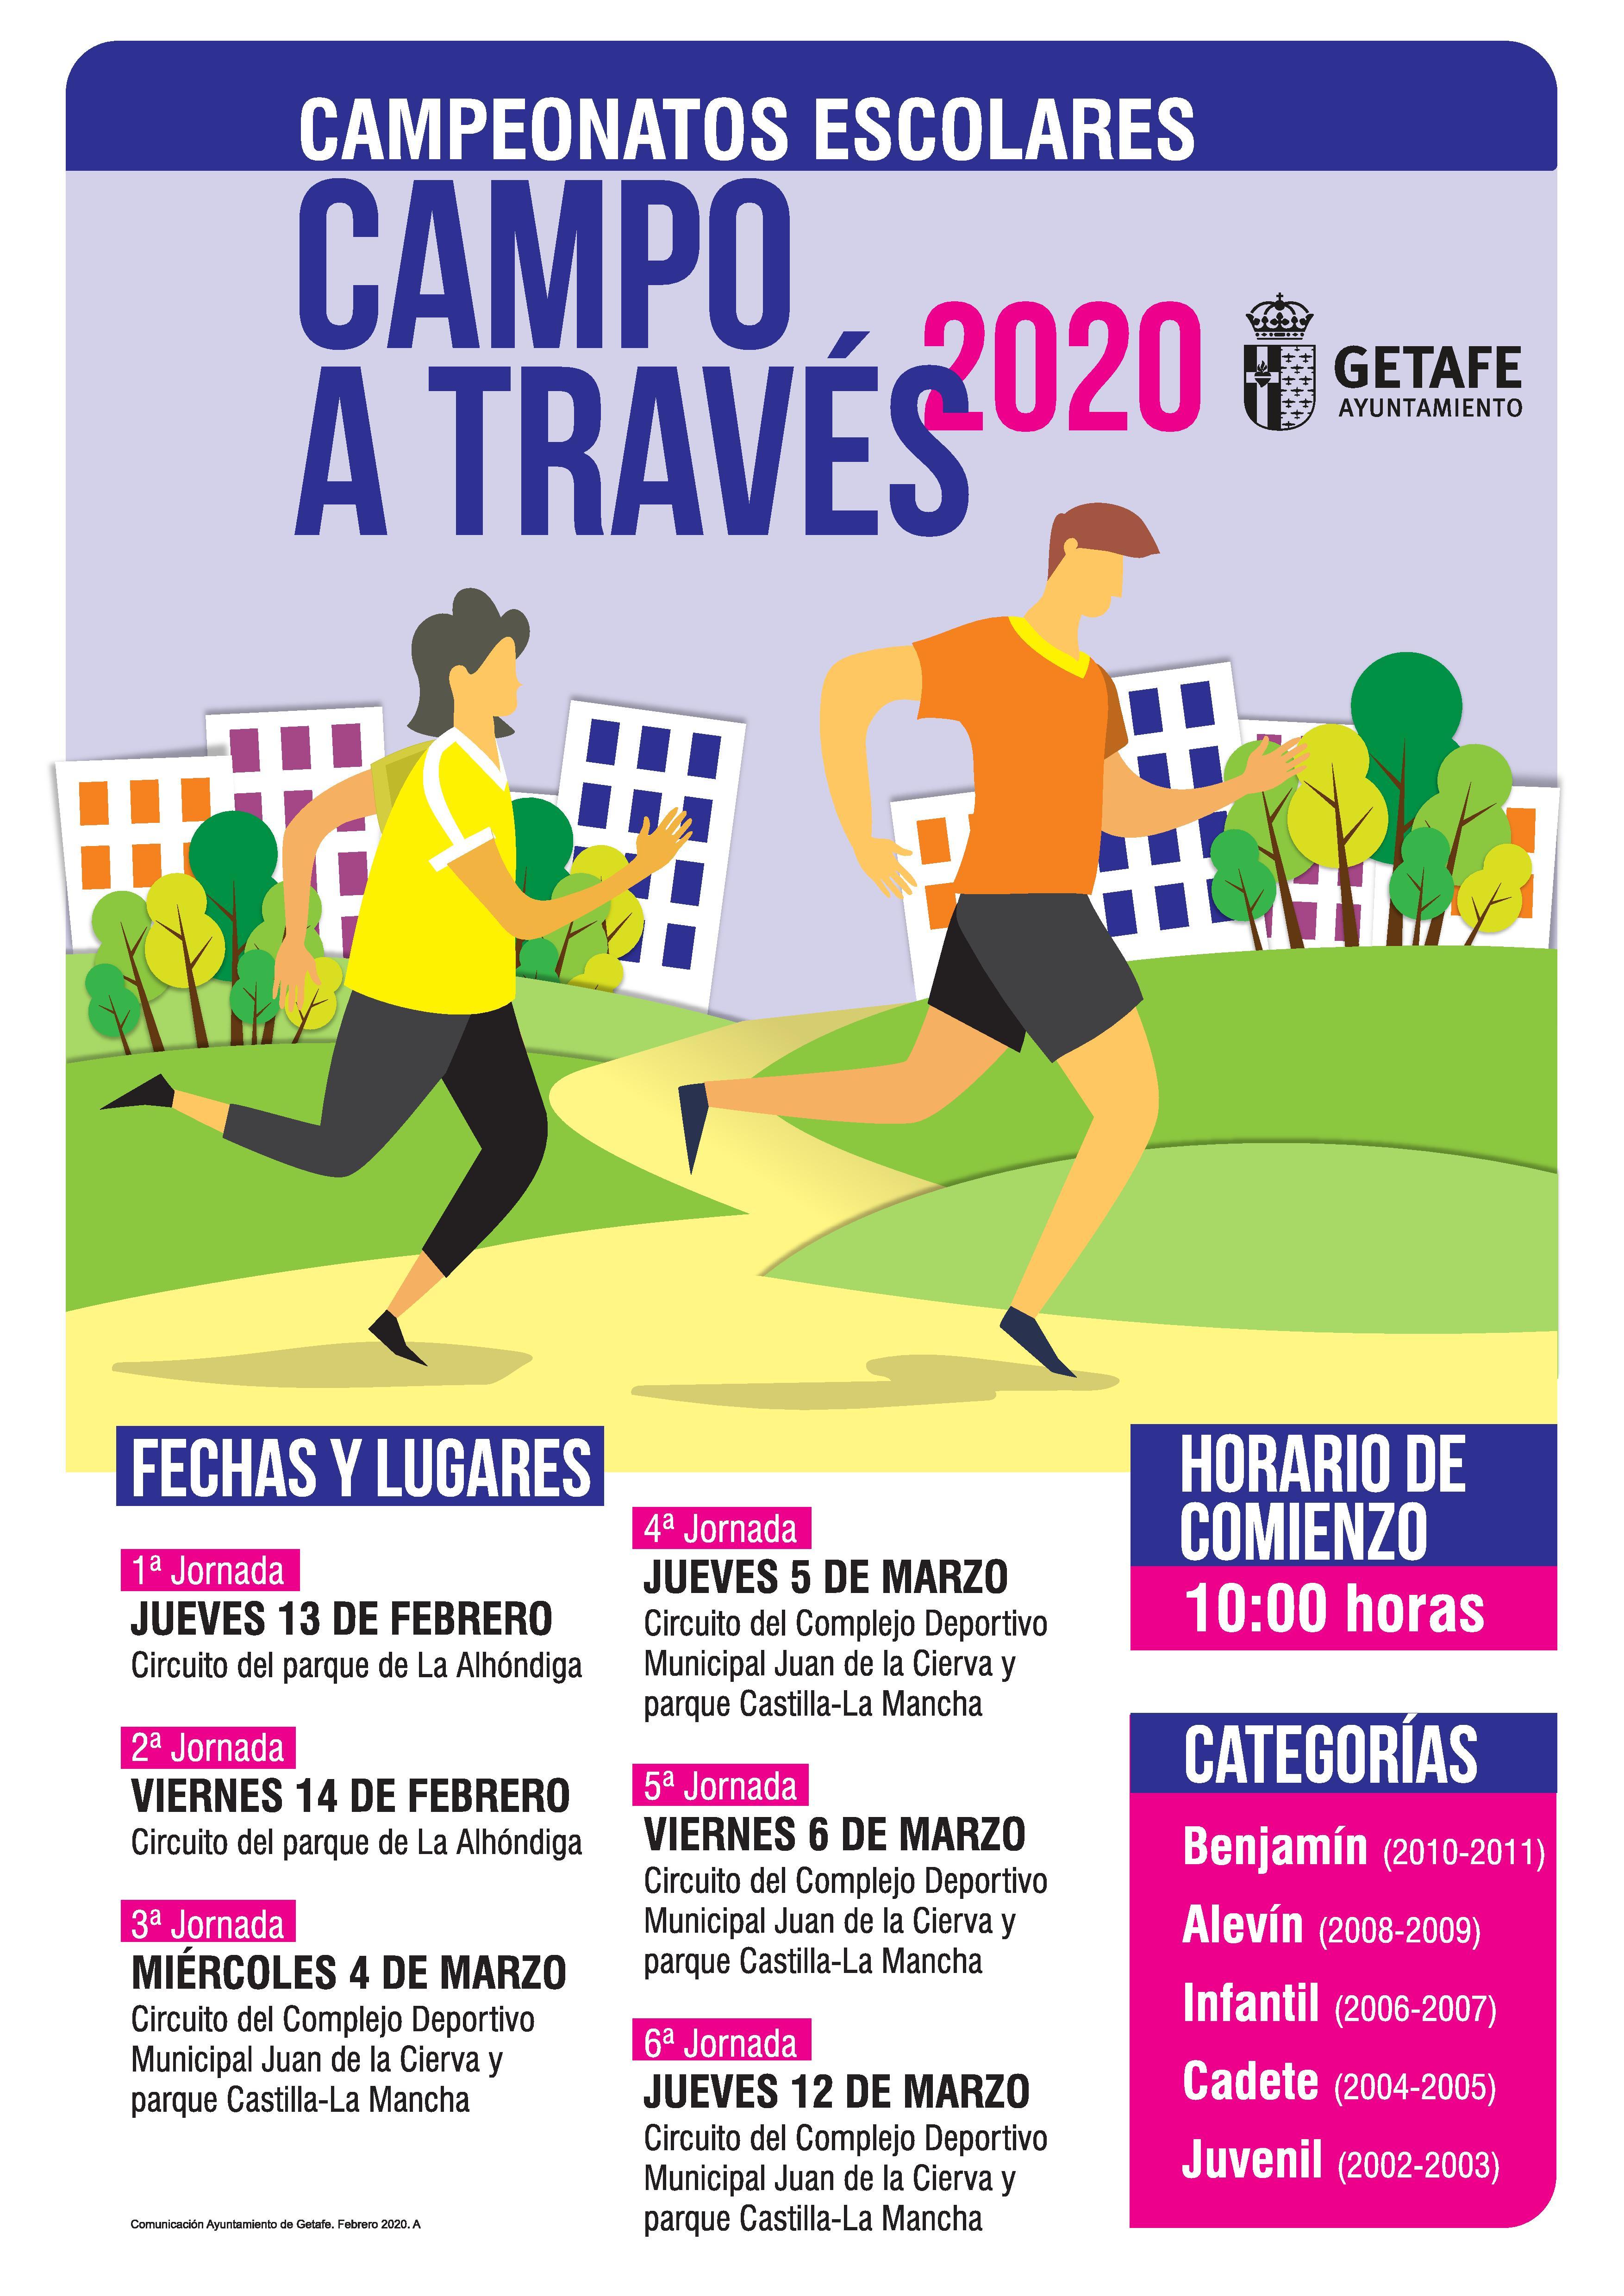 Campeonatos Escolares de Campo a Través 2020 (2ª Jornada)